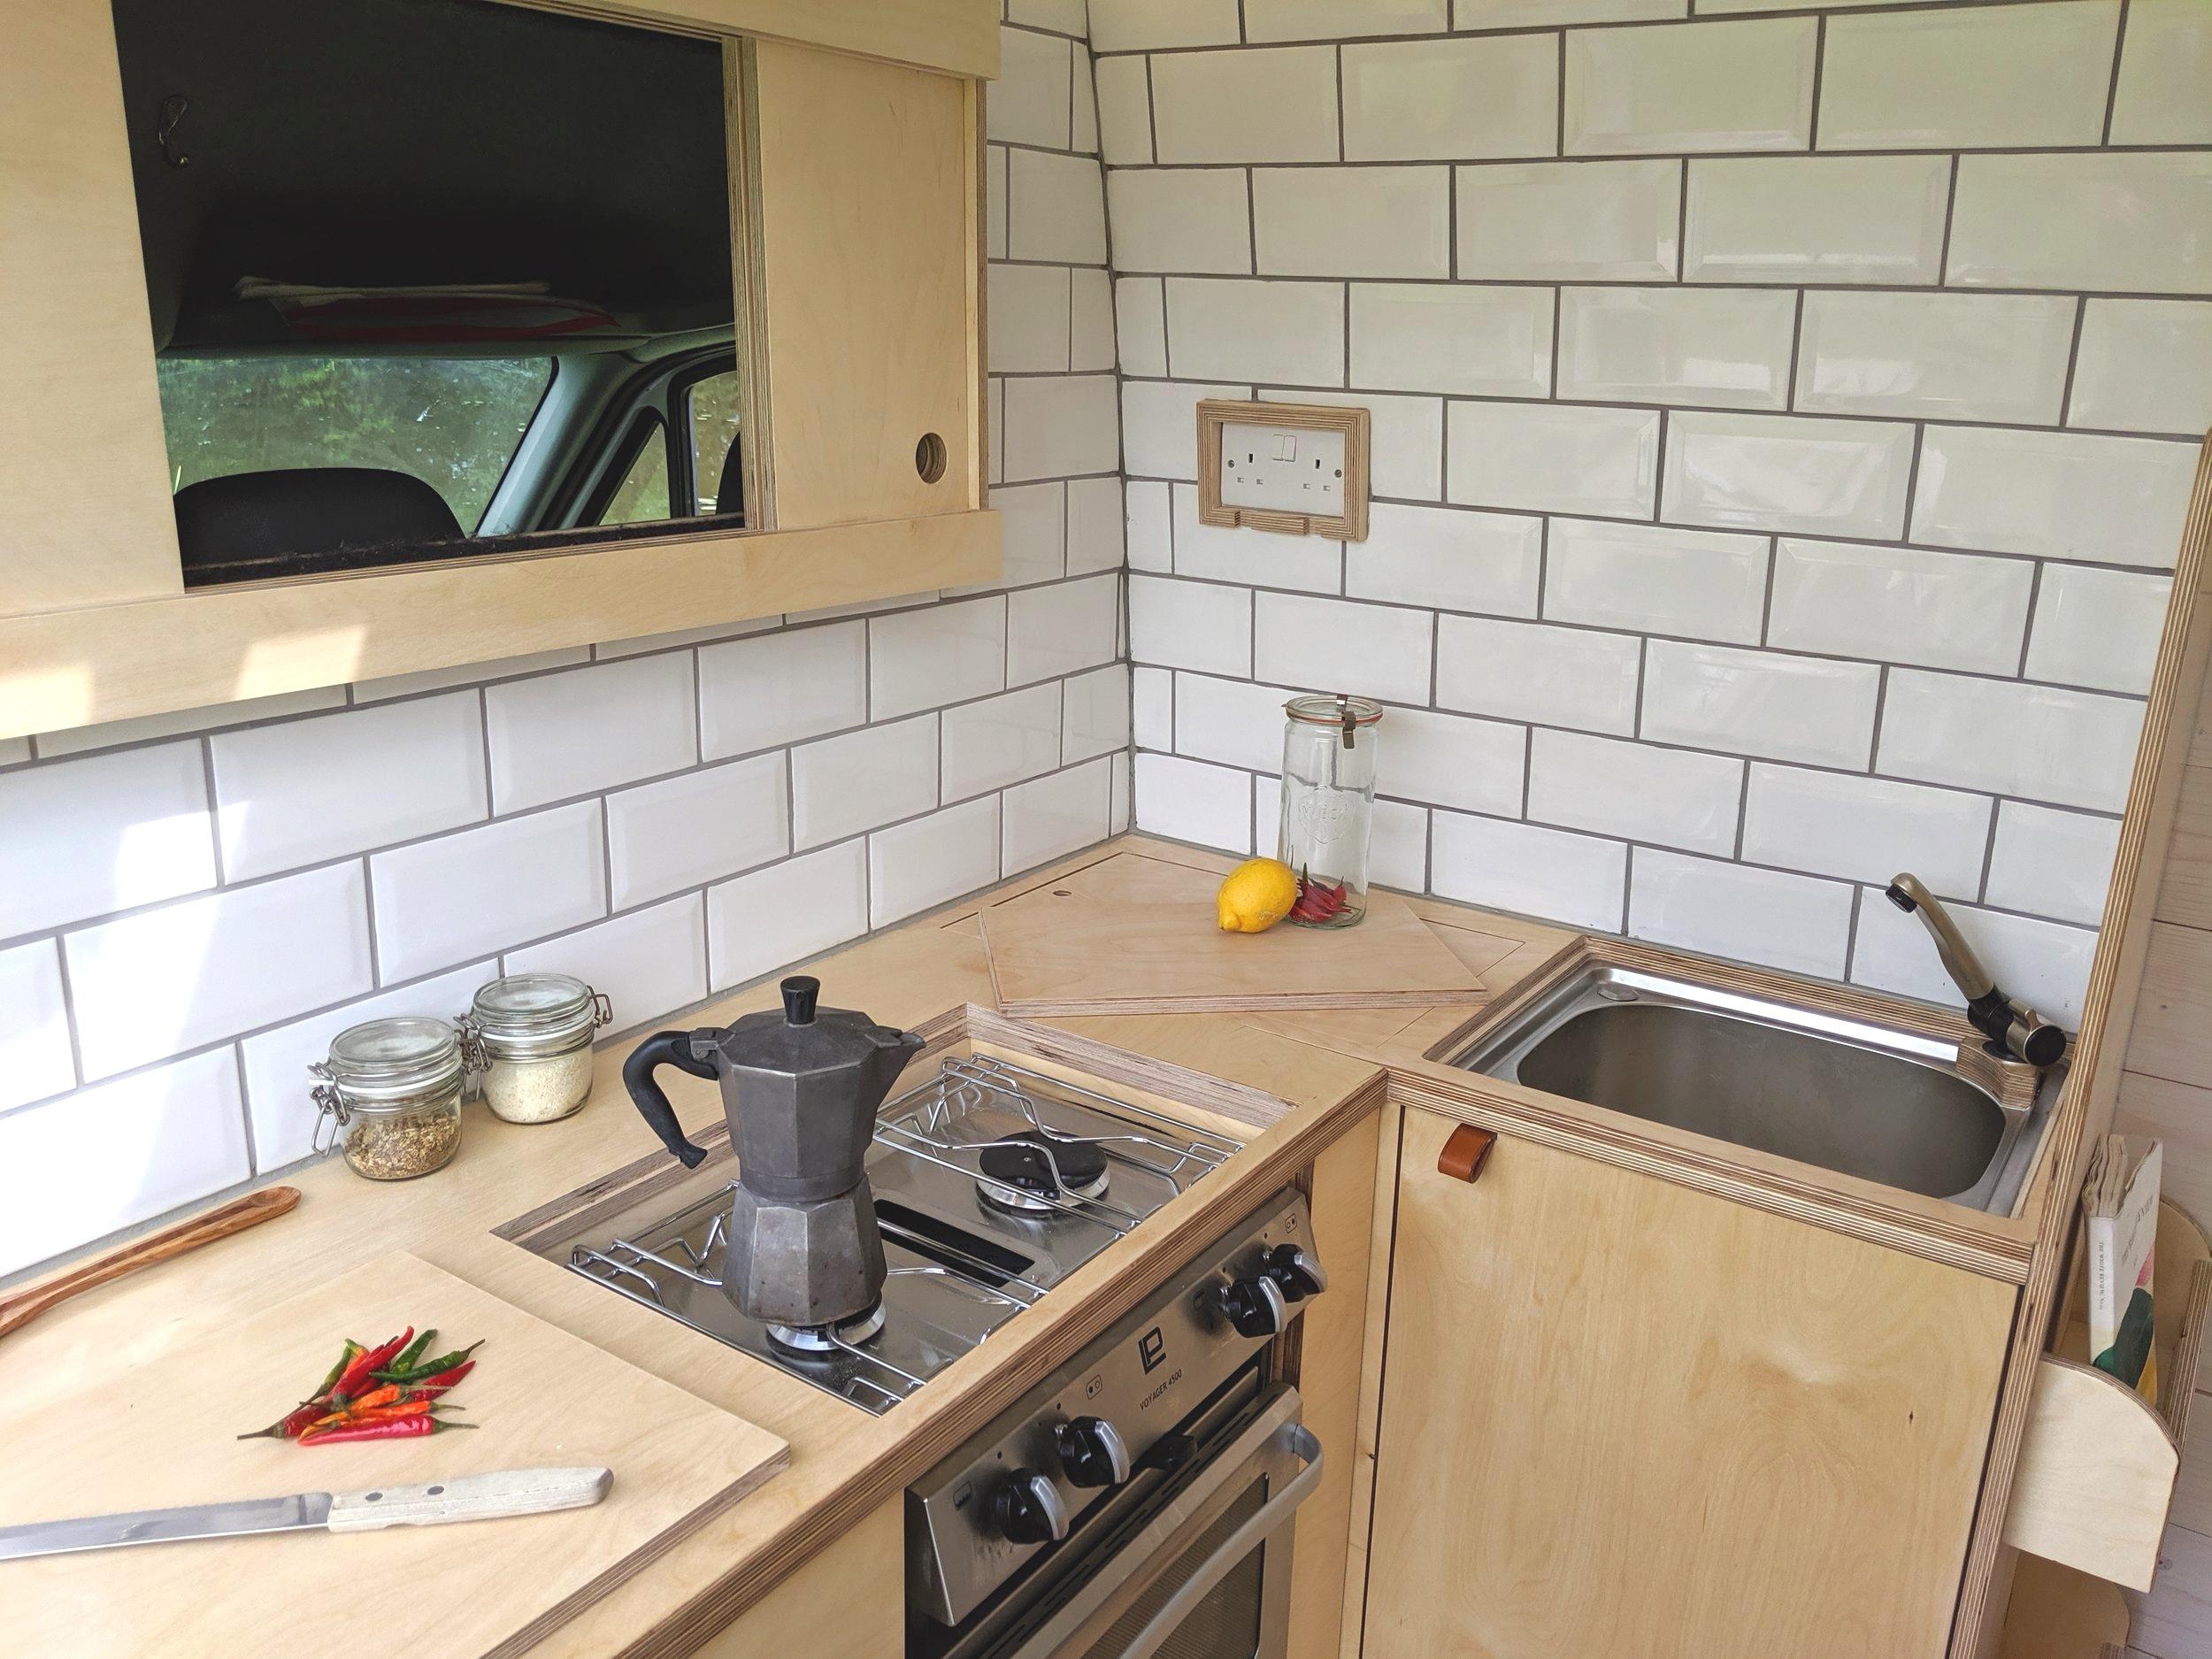 OOOD van kitchen corner